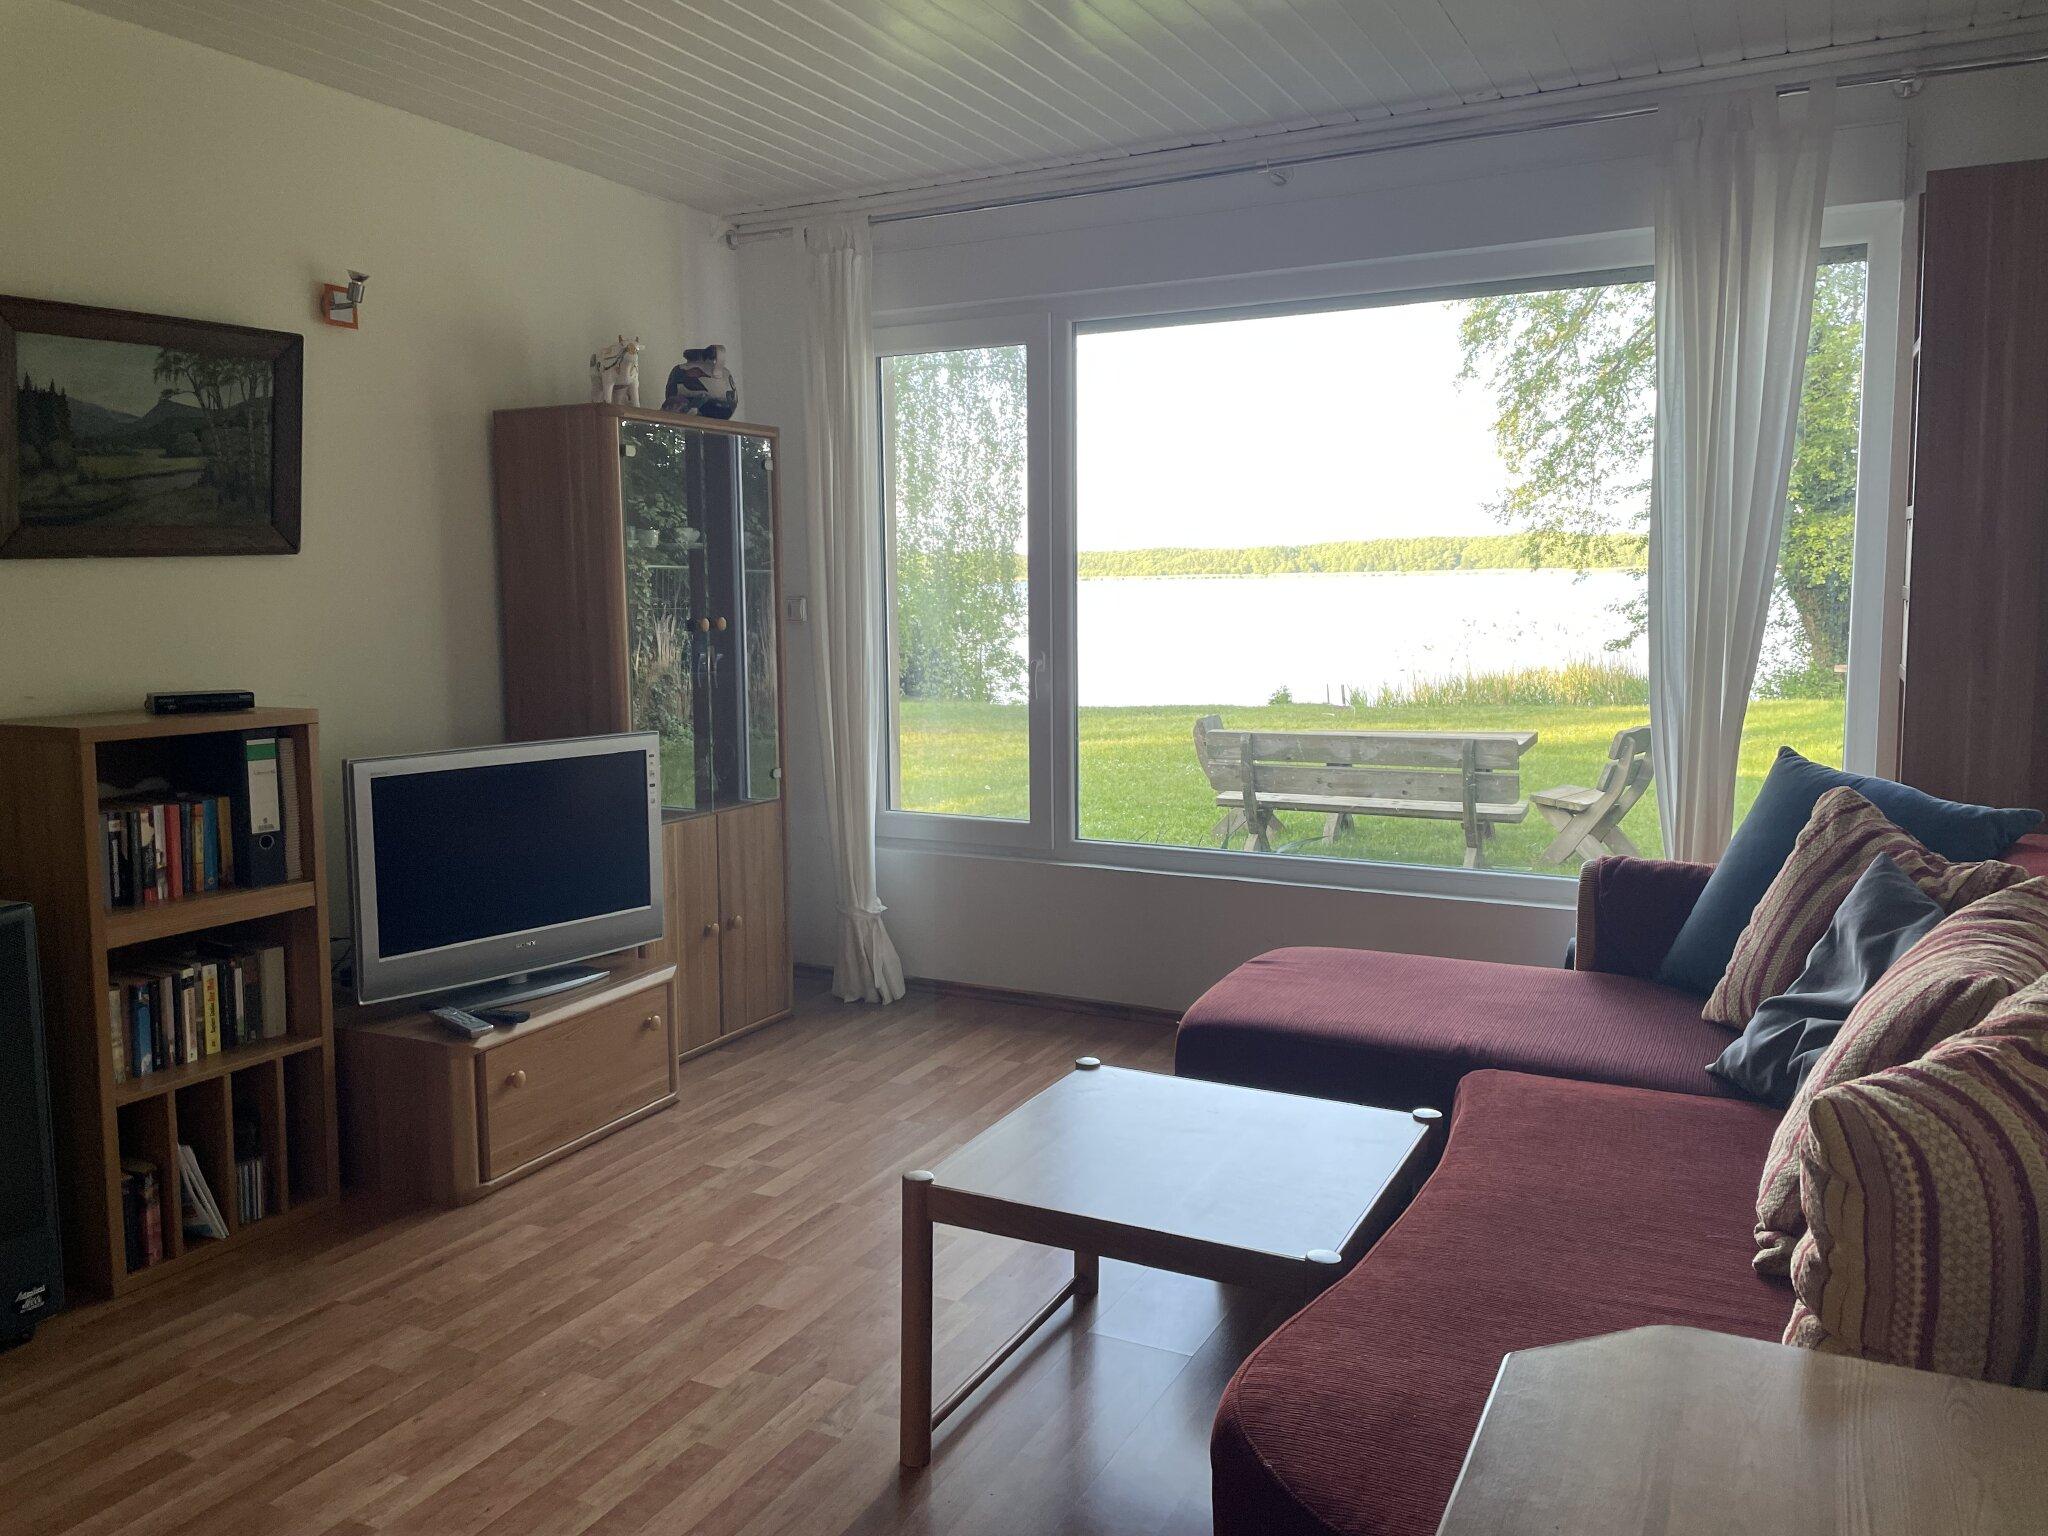 Wohnzimmer Blick Schreibtisch/Bad